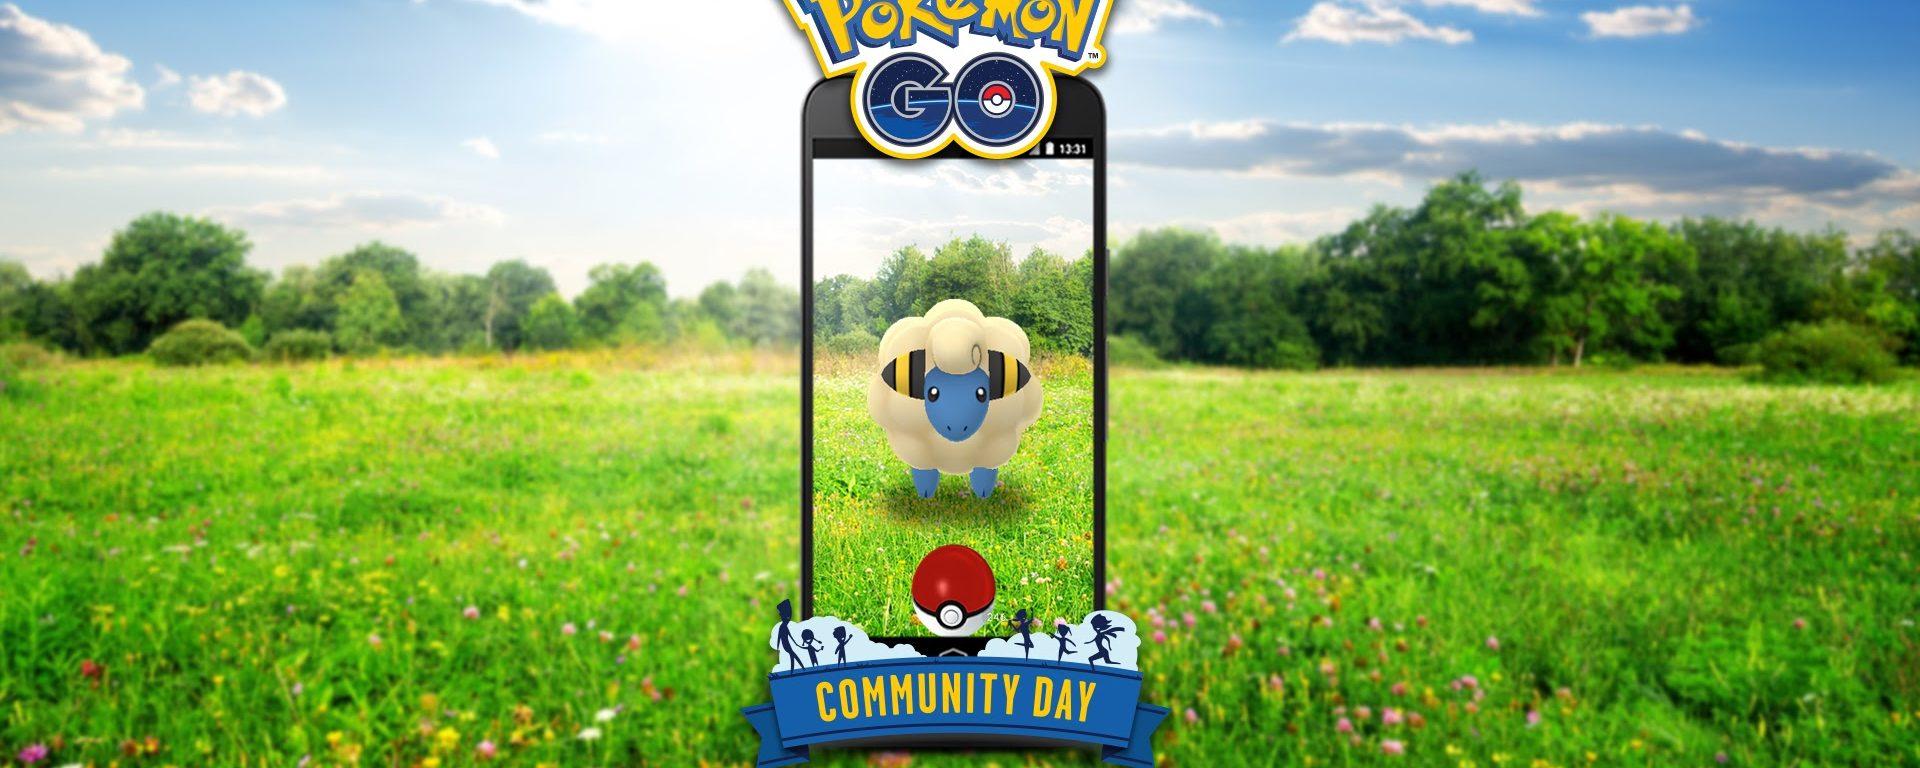 community-day-wattouat